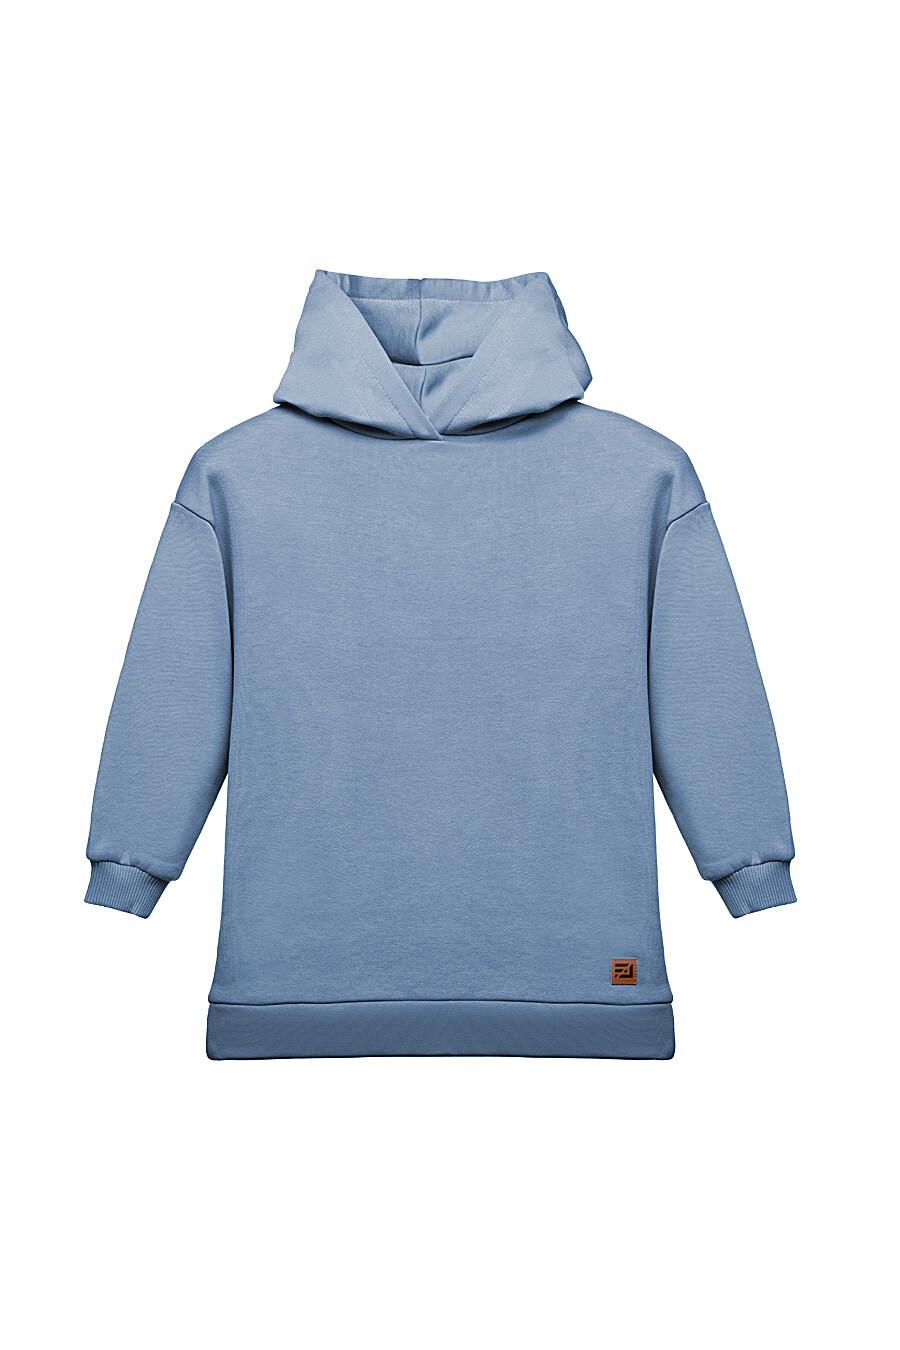 Худи для девочек EZANNA 649342 купить оптом от производителя. Совместная покупка детской одежды в OptMoyo